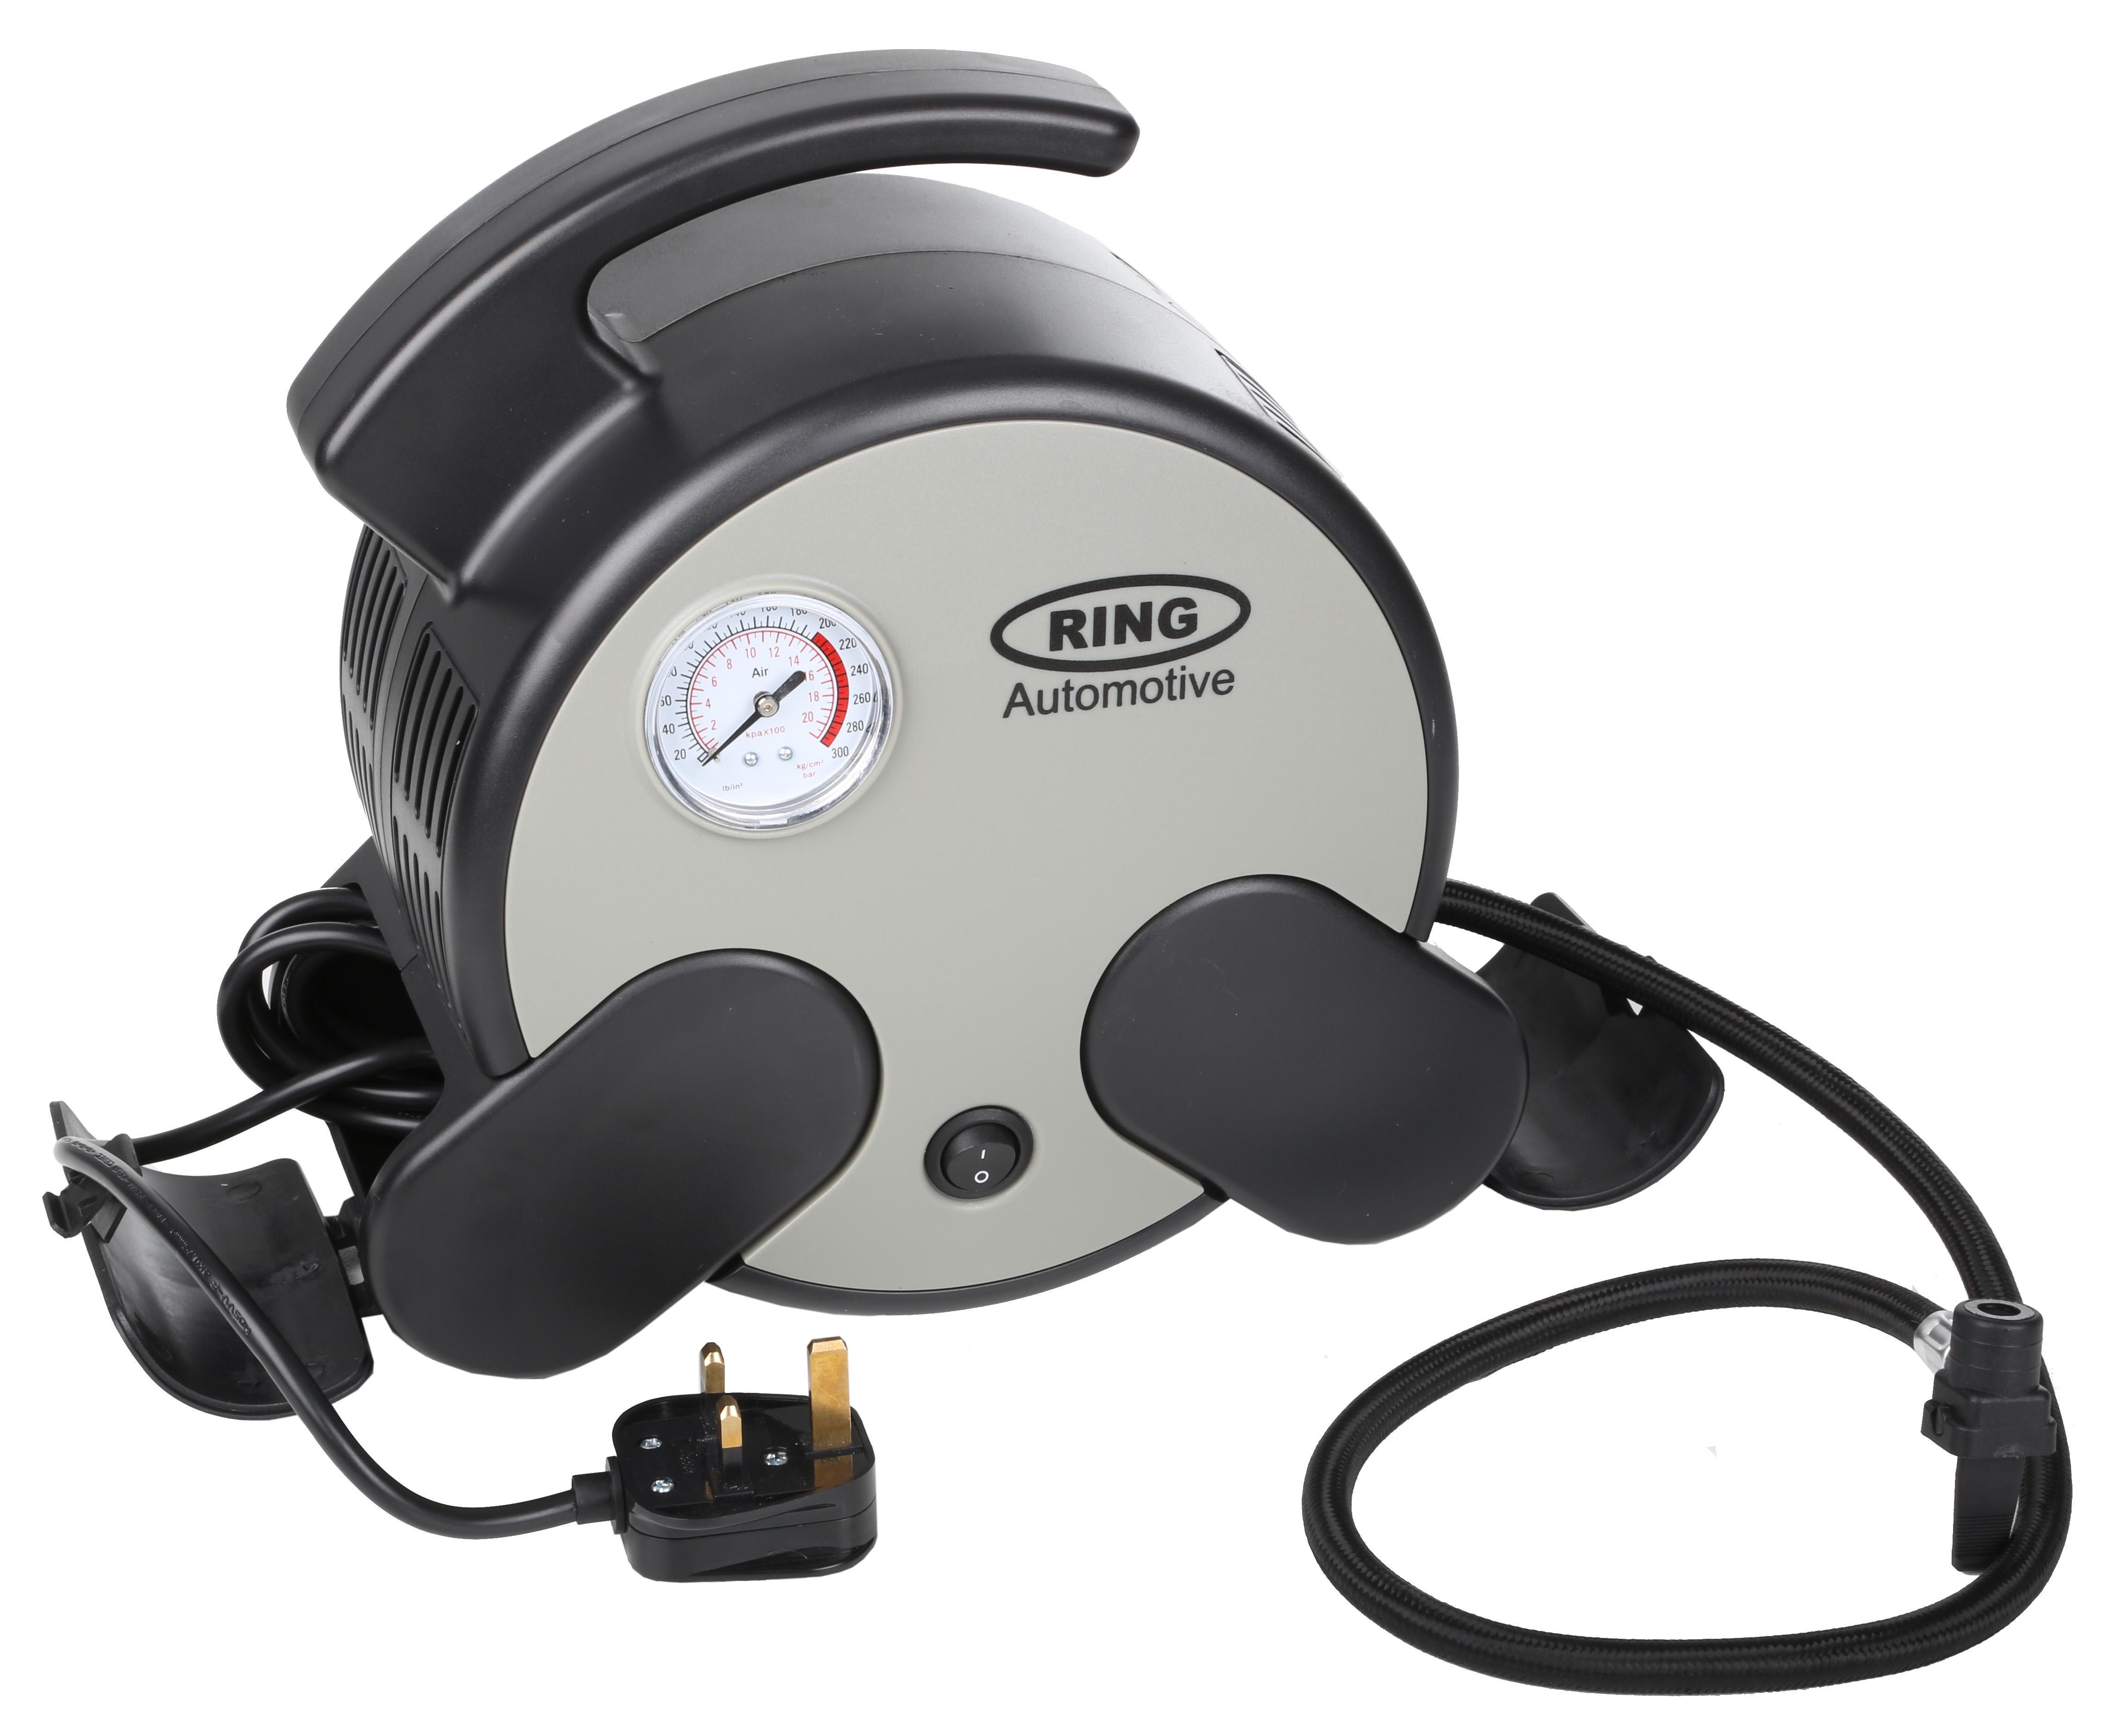 ring air compressor 230v mains powered rapid 250psi. Black Bedroom Furniture Sets. Home Design Ideas